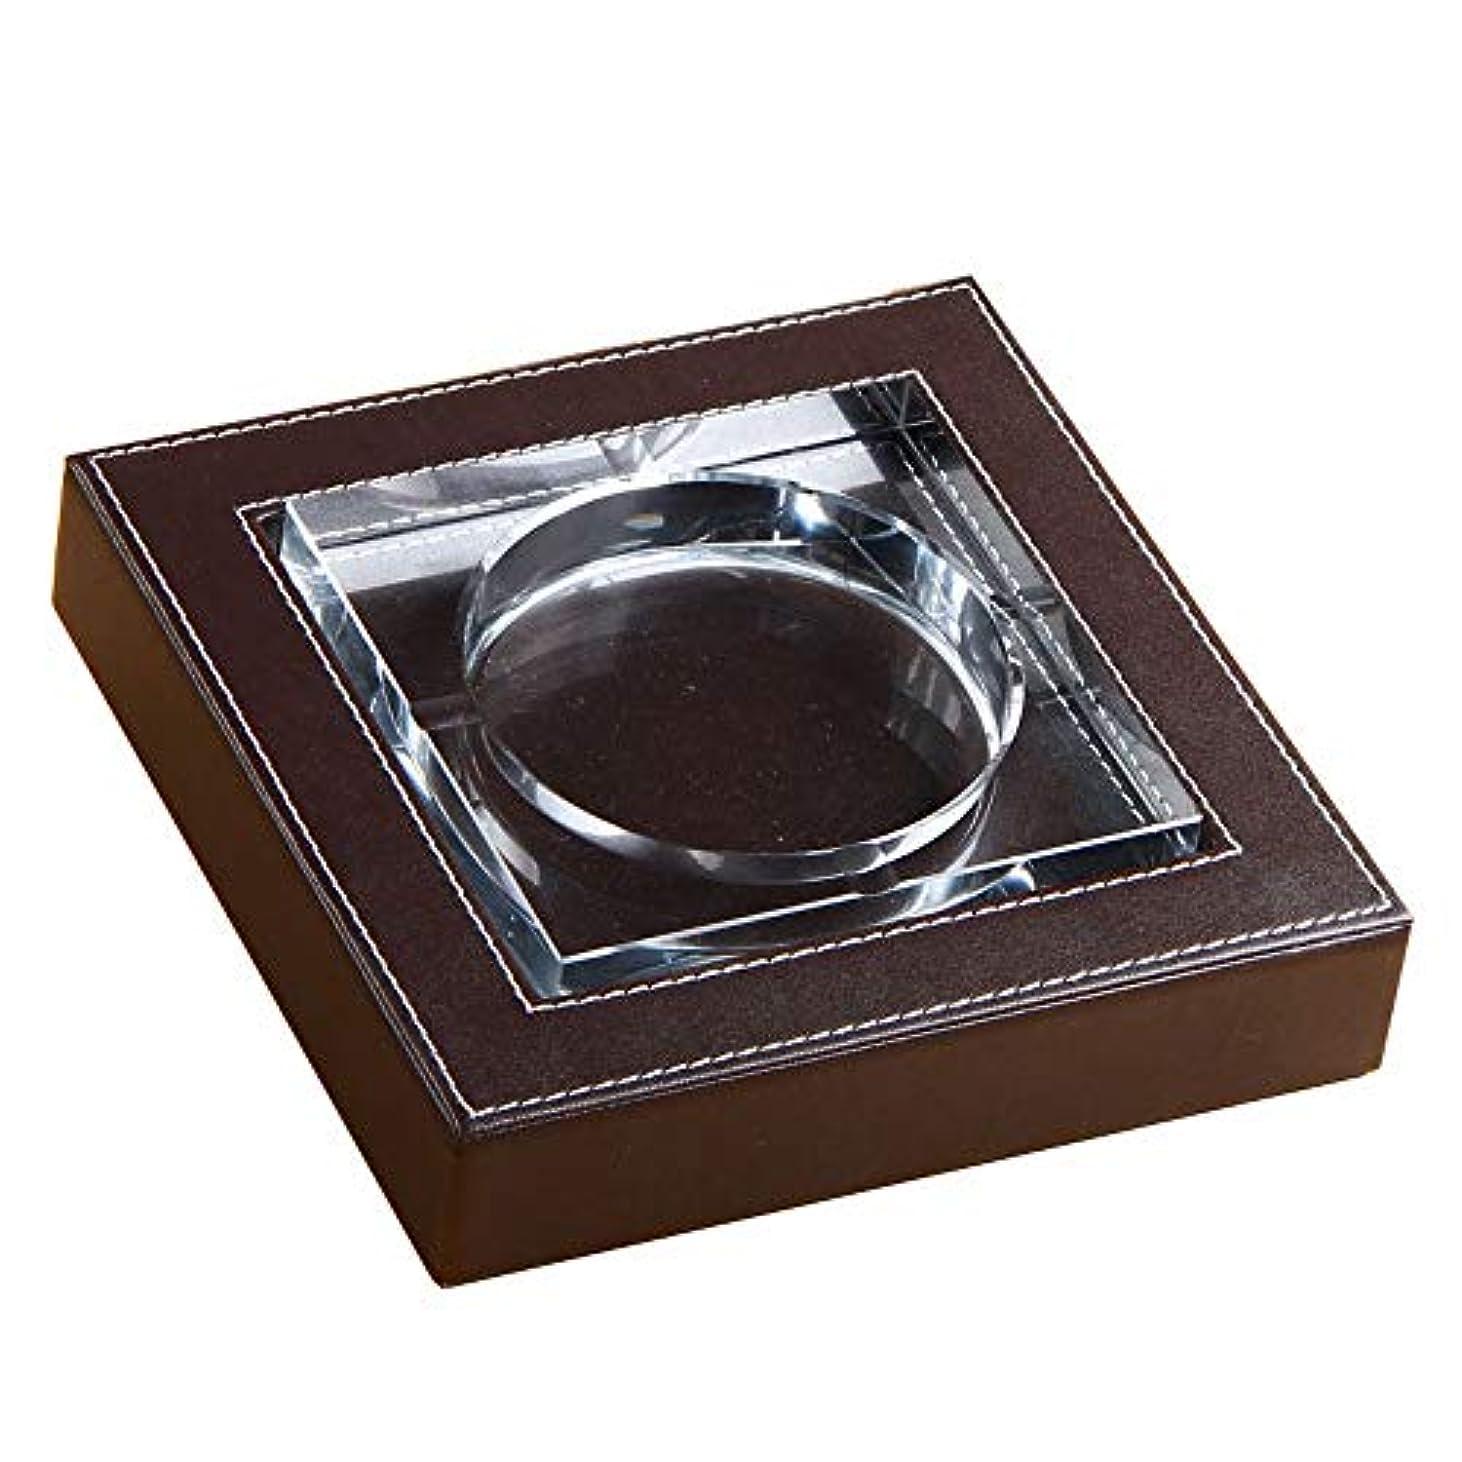 飢饉特徴本質的ではない屋内でクリスタル屋外喫煙者のための灰皿灰皿ホルダー、ホームオフィスの装飾のためのデスクトップの喫煙灰皿 (Size : S)